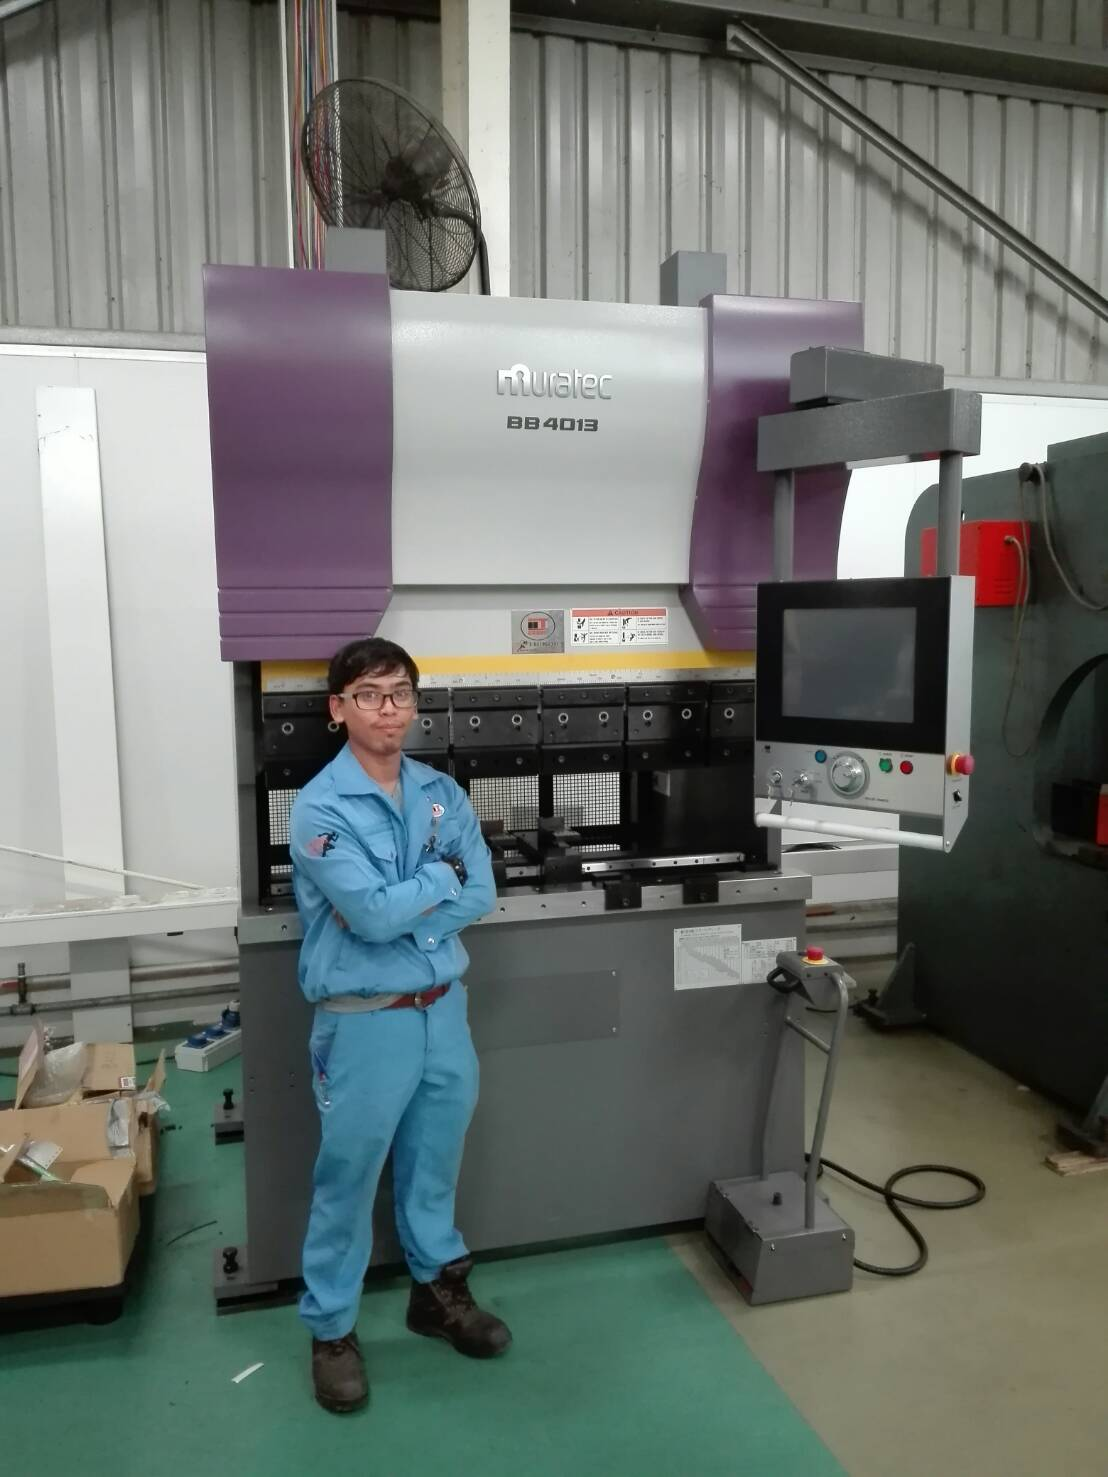 งานติดตั้ง Murata Press Brake BB4013 @ ลิกมันไลท์ติ้ง 22-5-60